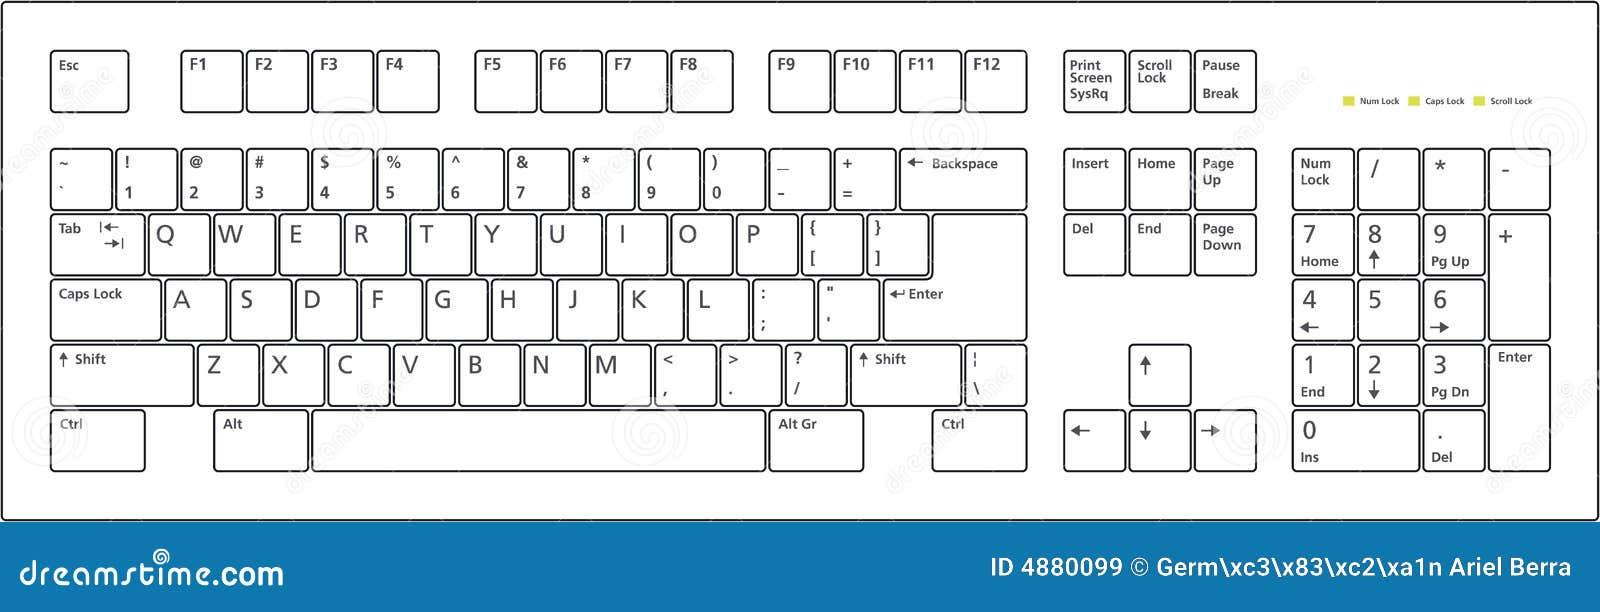 Keyboard Layout 101 Keys Royalty Free Stock Images - Image: 4880099